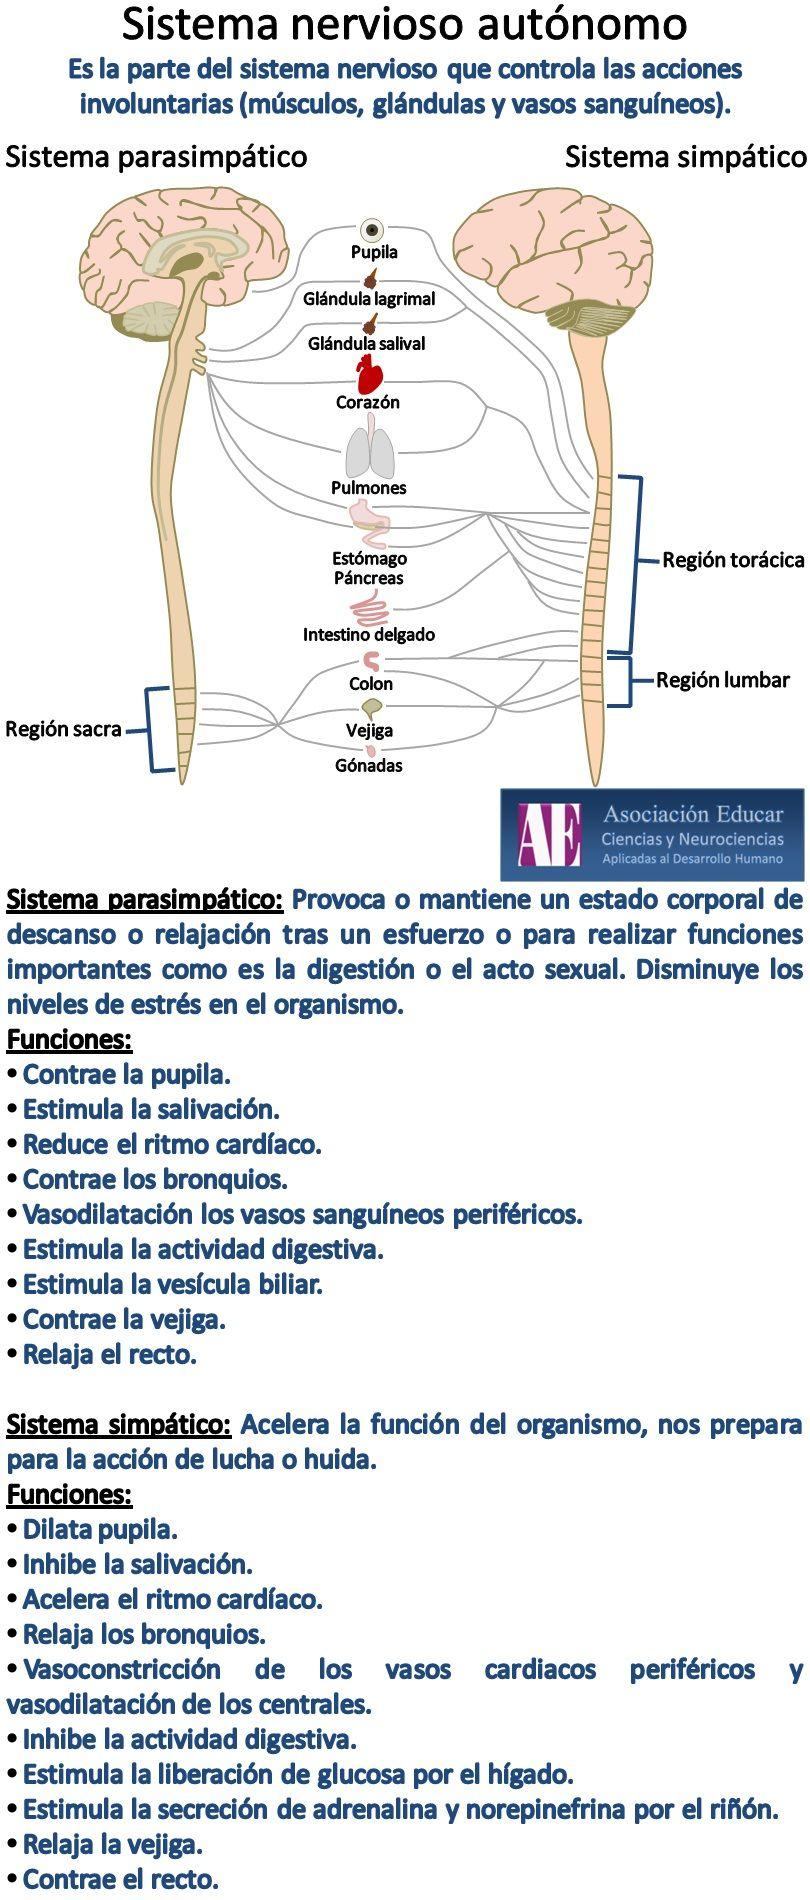 Ilustración Neurociencias: Sistema nervioso autónomo - Asociación ...